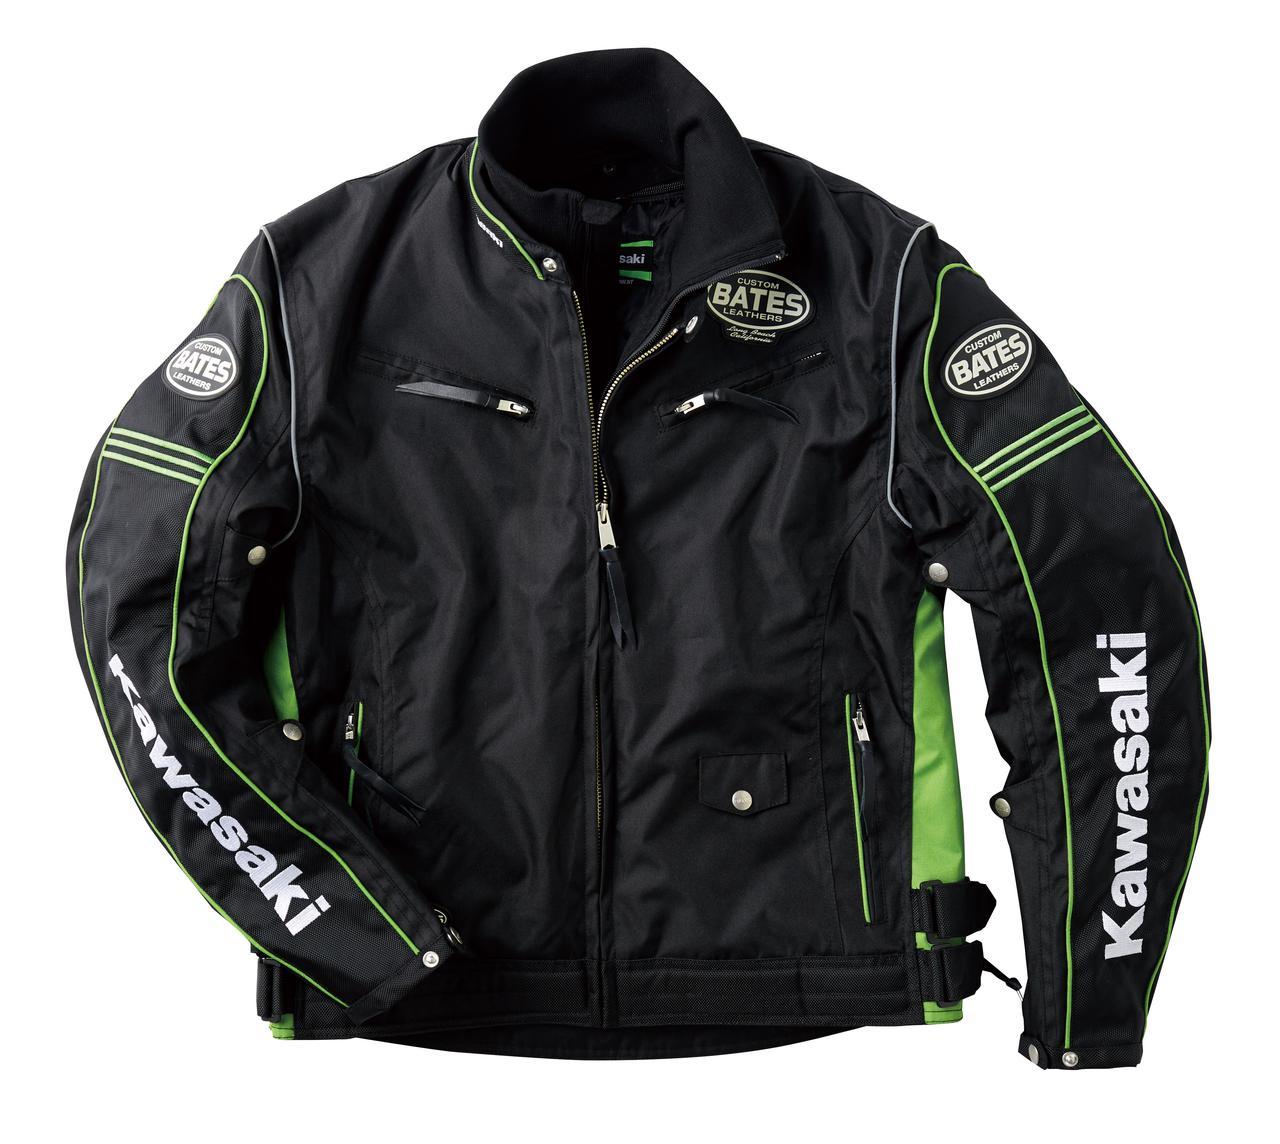 【Kawasaki×BATES】カワサキ乗り必見! 人気のベイツとコラボした秋冬ライディングジャケットの新作